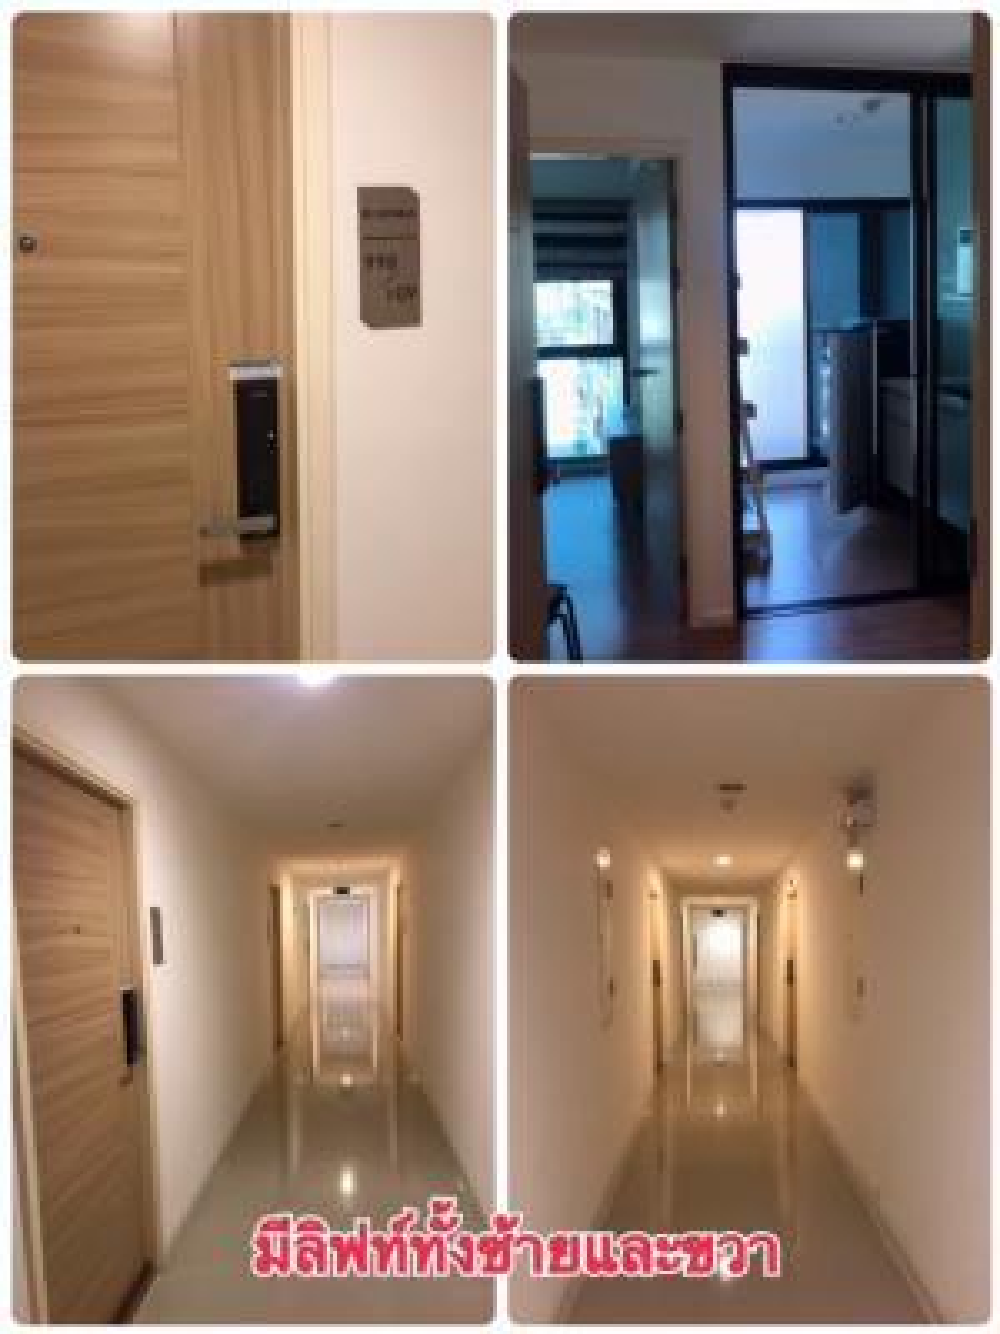 For SaleCondoOnnut, Udomsuk : Condo for sale or rent, B Republic Sukhumvit 101/1.